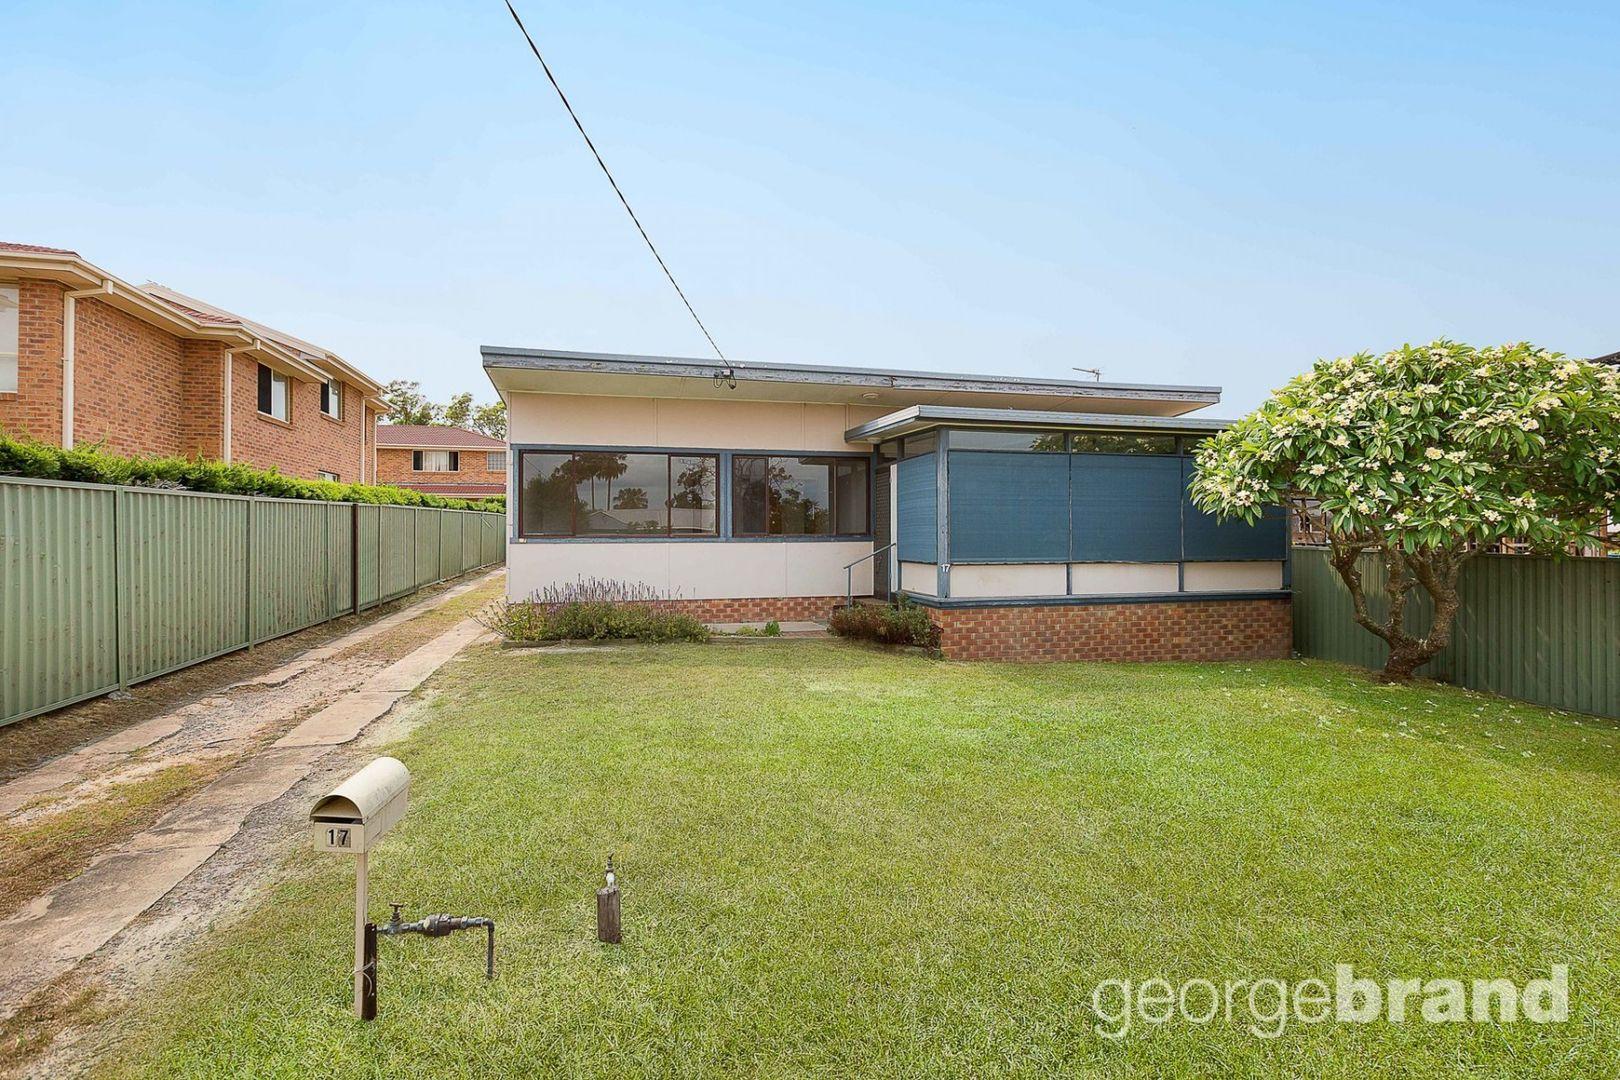 17 Victoria Avenue, Toukley NSW 2263, Image 0